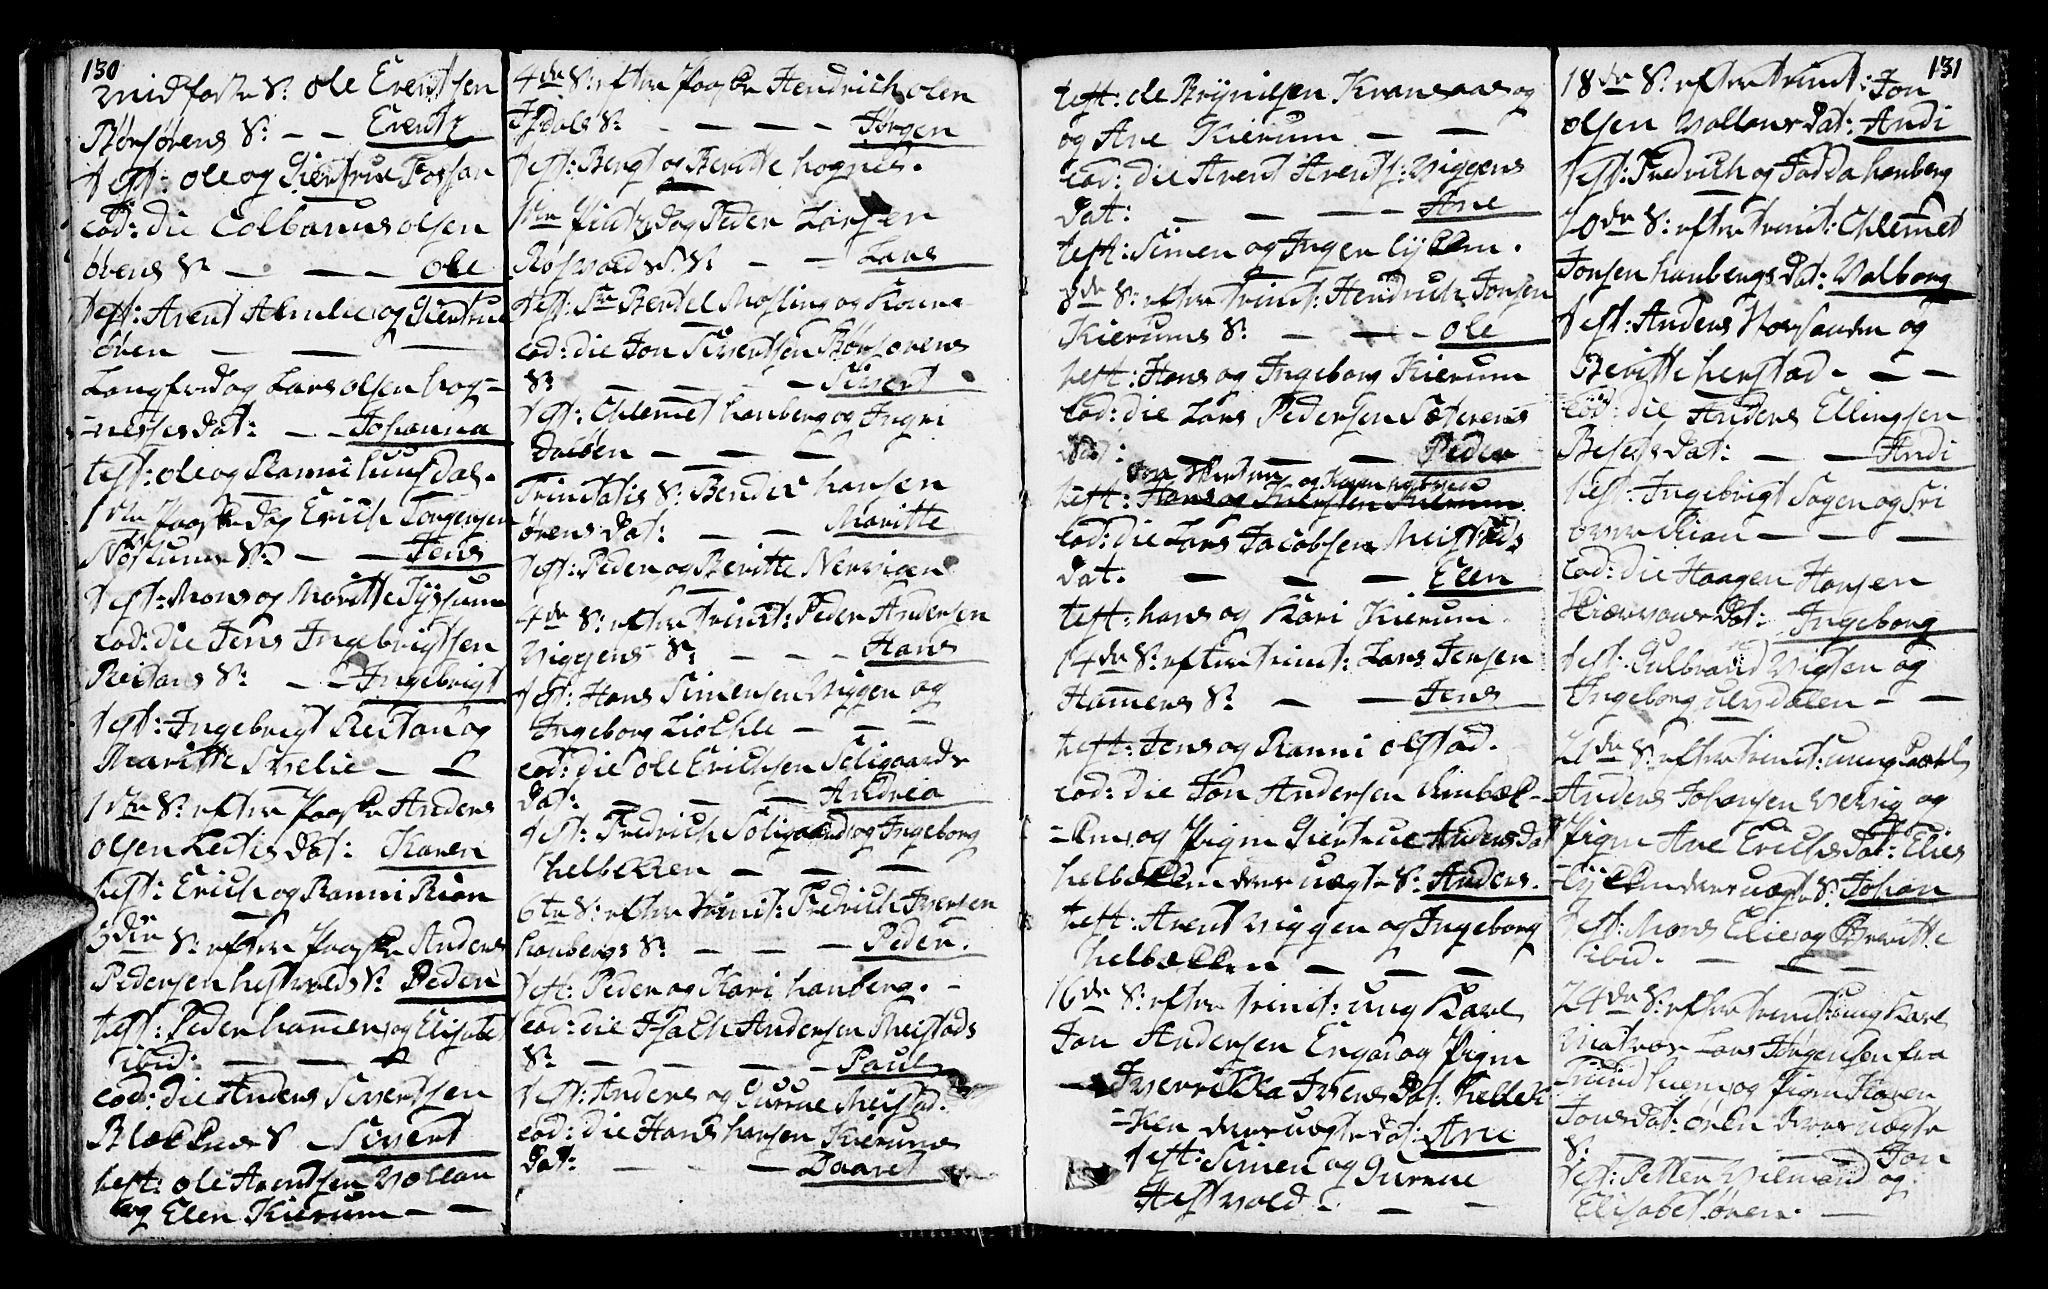 SAT, Ministerialprotokoller, klokkerbøker og fødselsregistre - Sør-Trøndelag, 665/L0769: Ministerialbok nr. 665A04, 1803-1816, s. 130-131